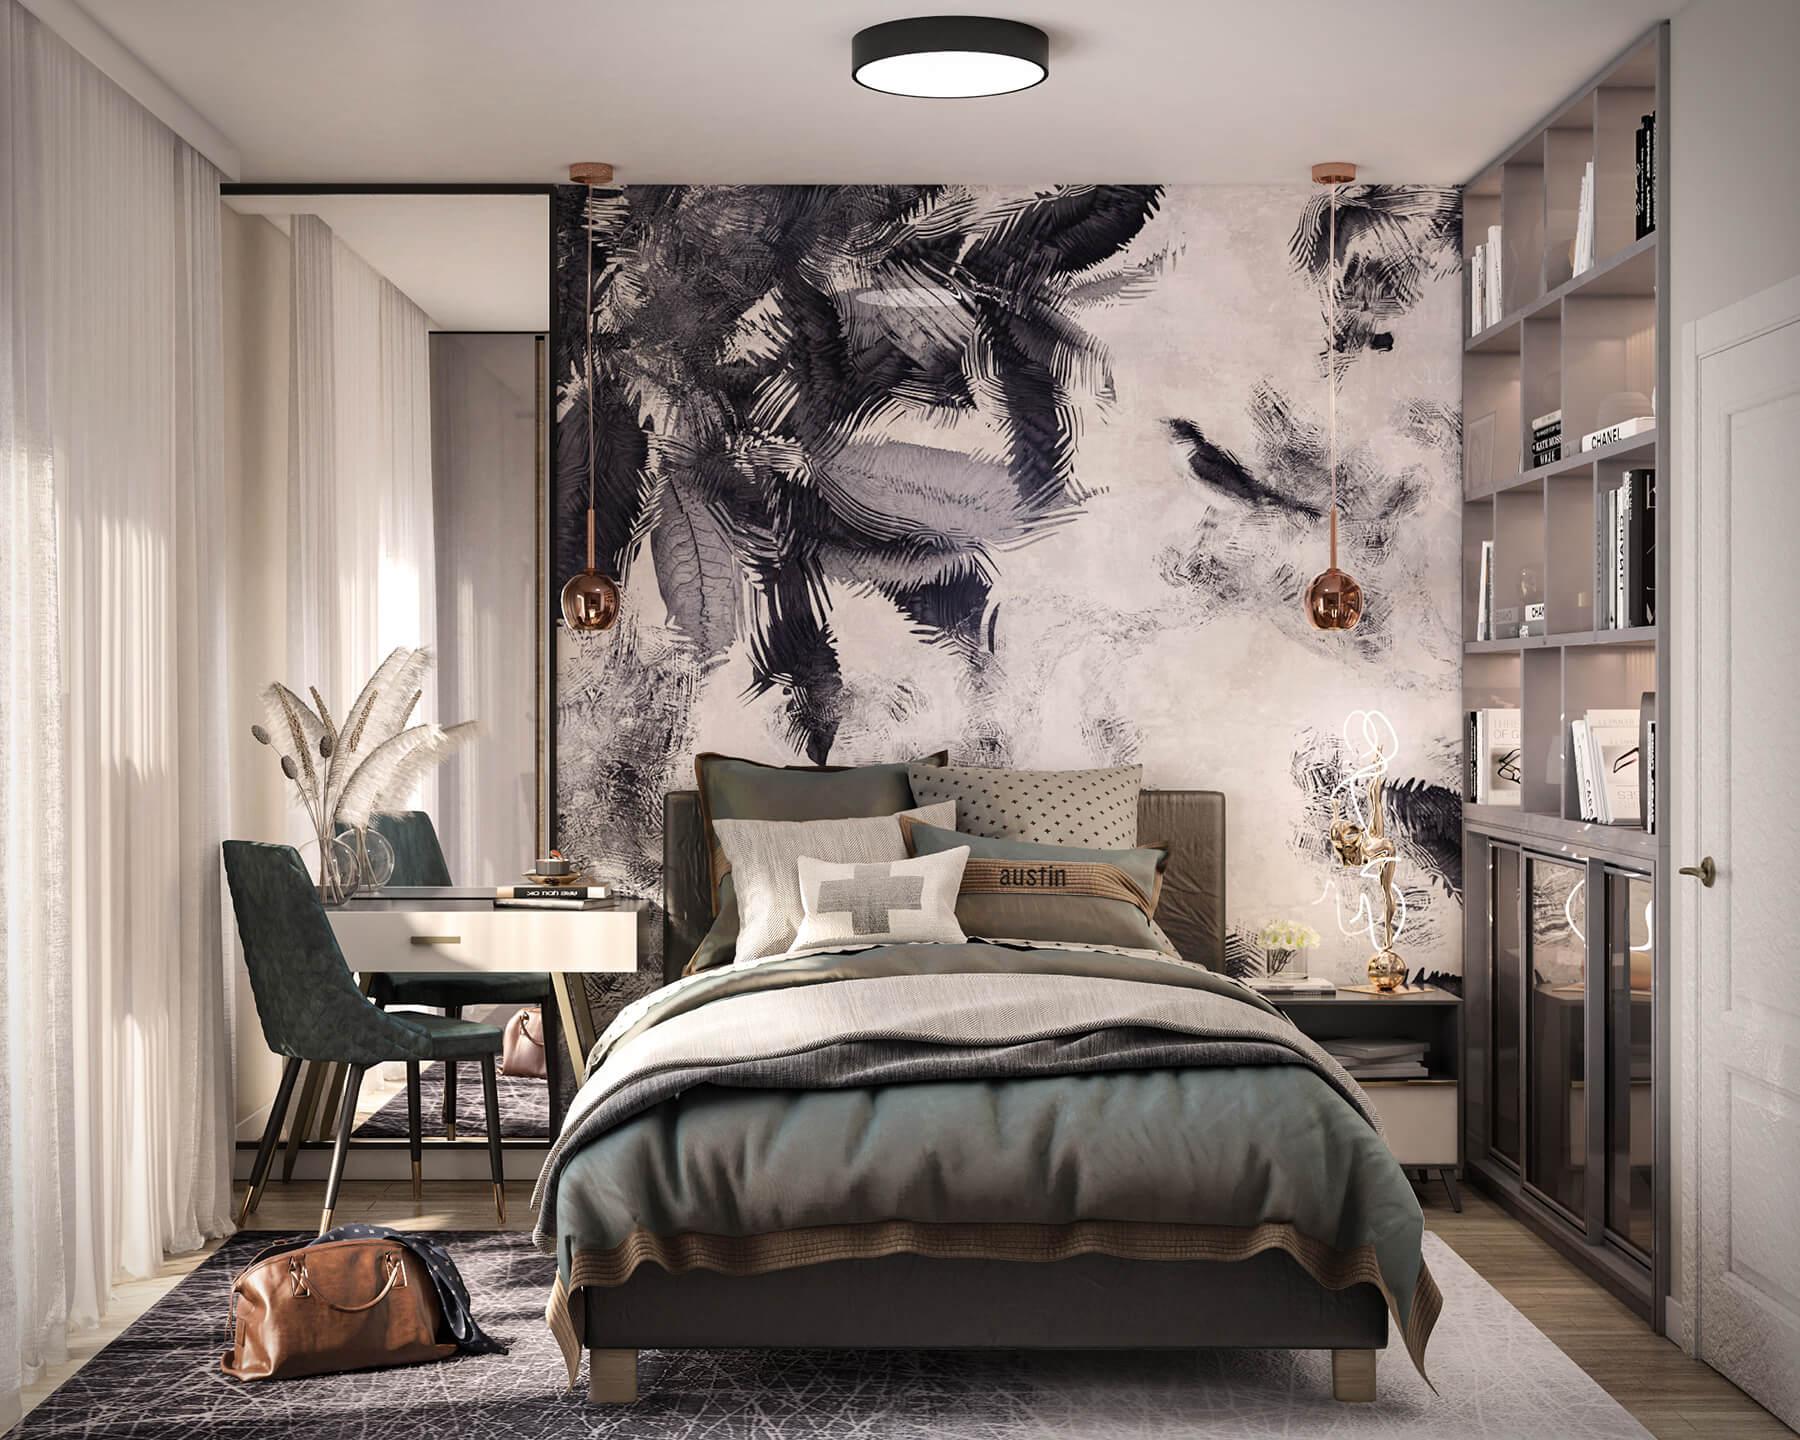 interioren-dizain-proekt-na-spalnya-po-poruchka